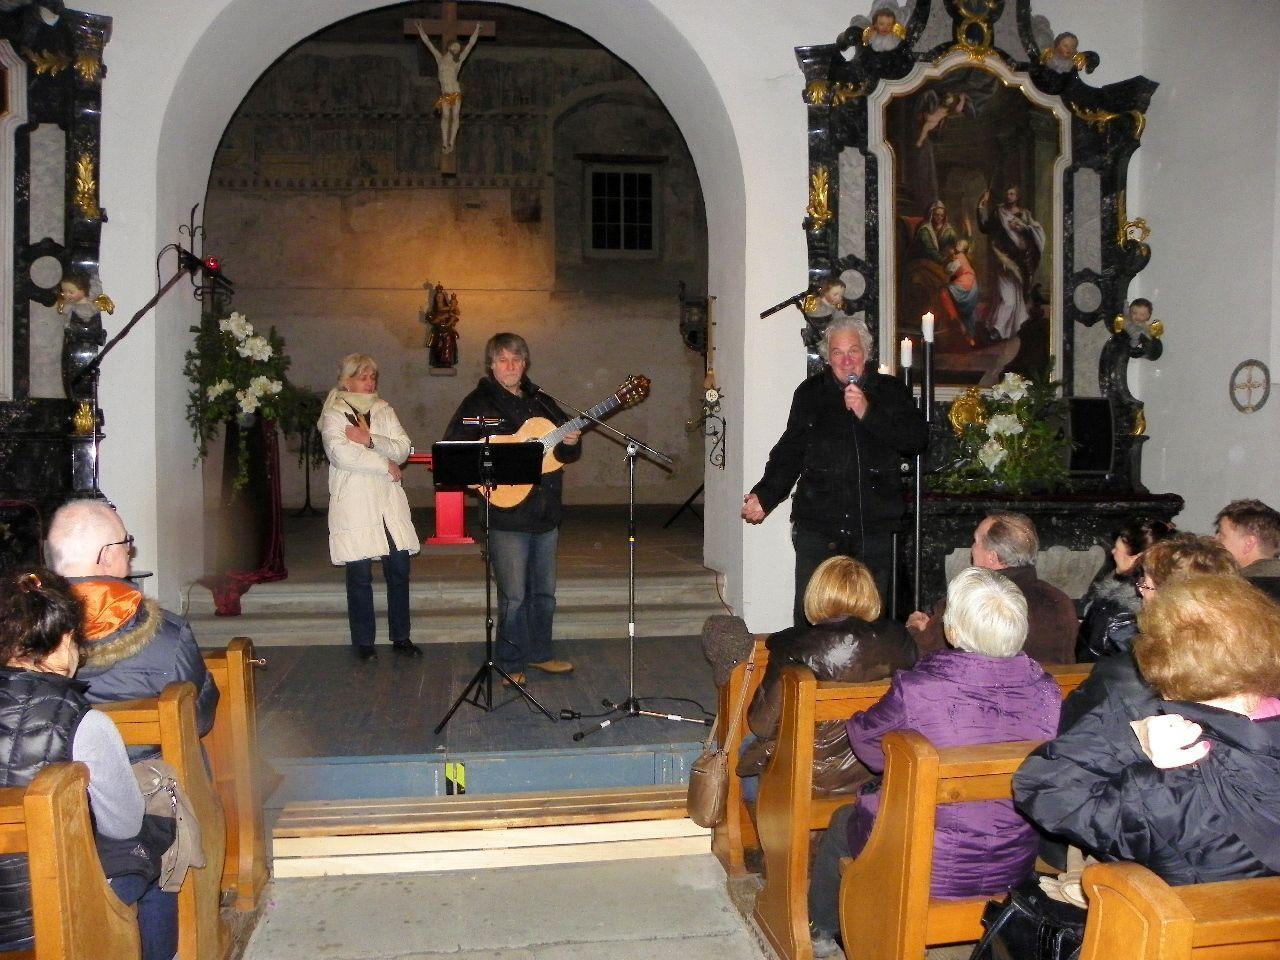 Veranstaltungsleiter Mag. Gunnar Breuer begrüßte Verena und John Gillard in der Martinskapelle